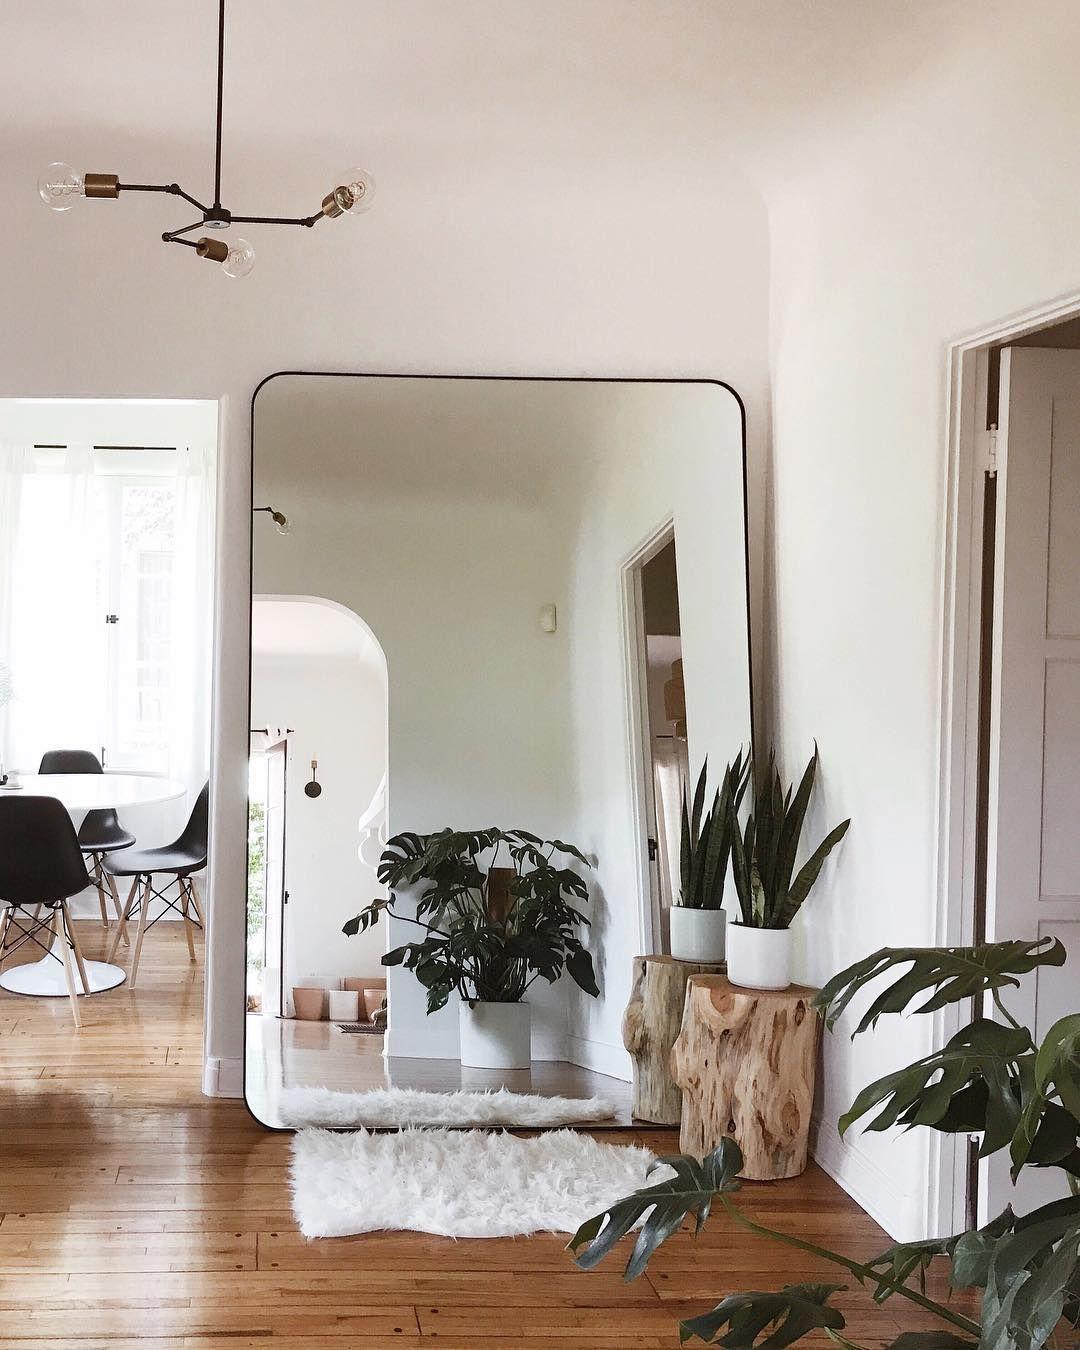 Espelho grande: 70 modelos e dicas para melhor usá-lo (FOTOS)